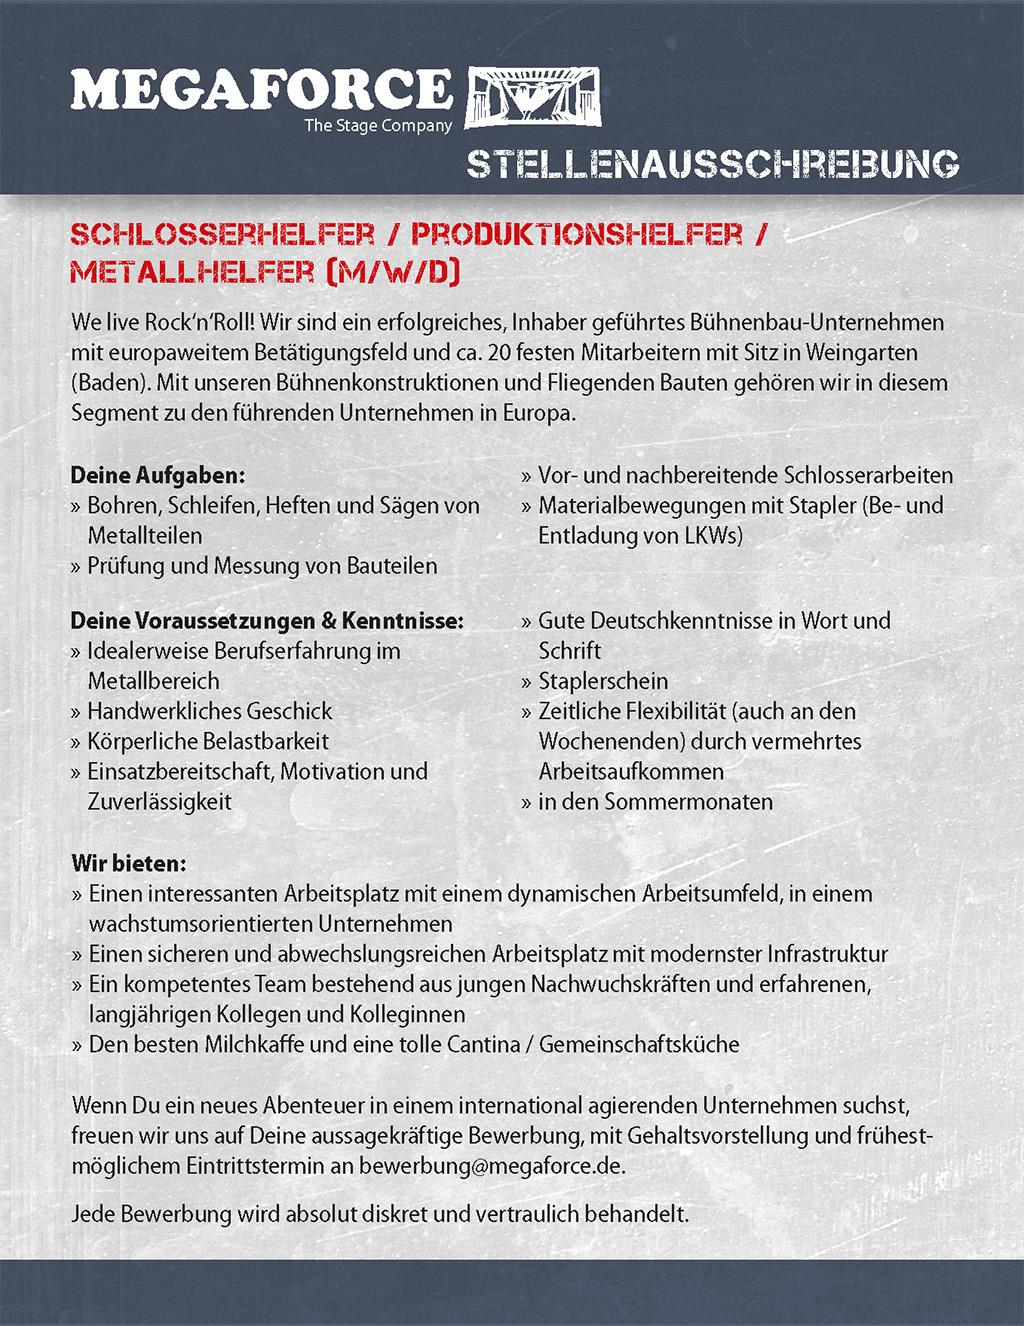 Stellenanzeige Megaforce Schlosserhelfer